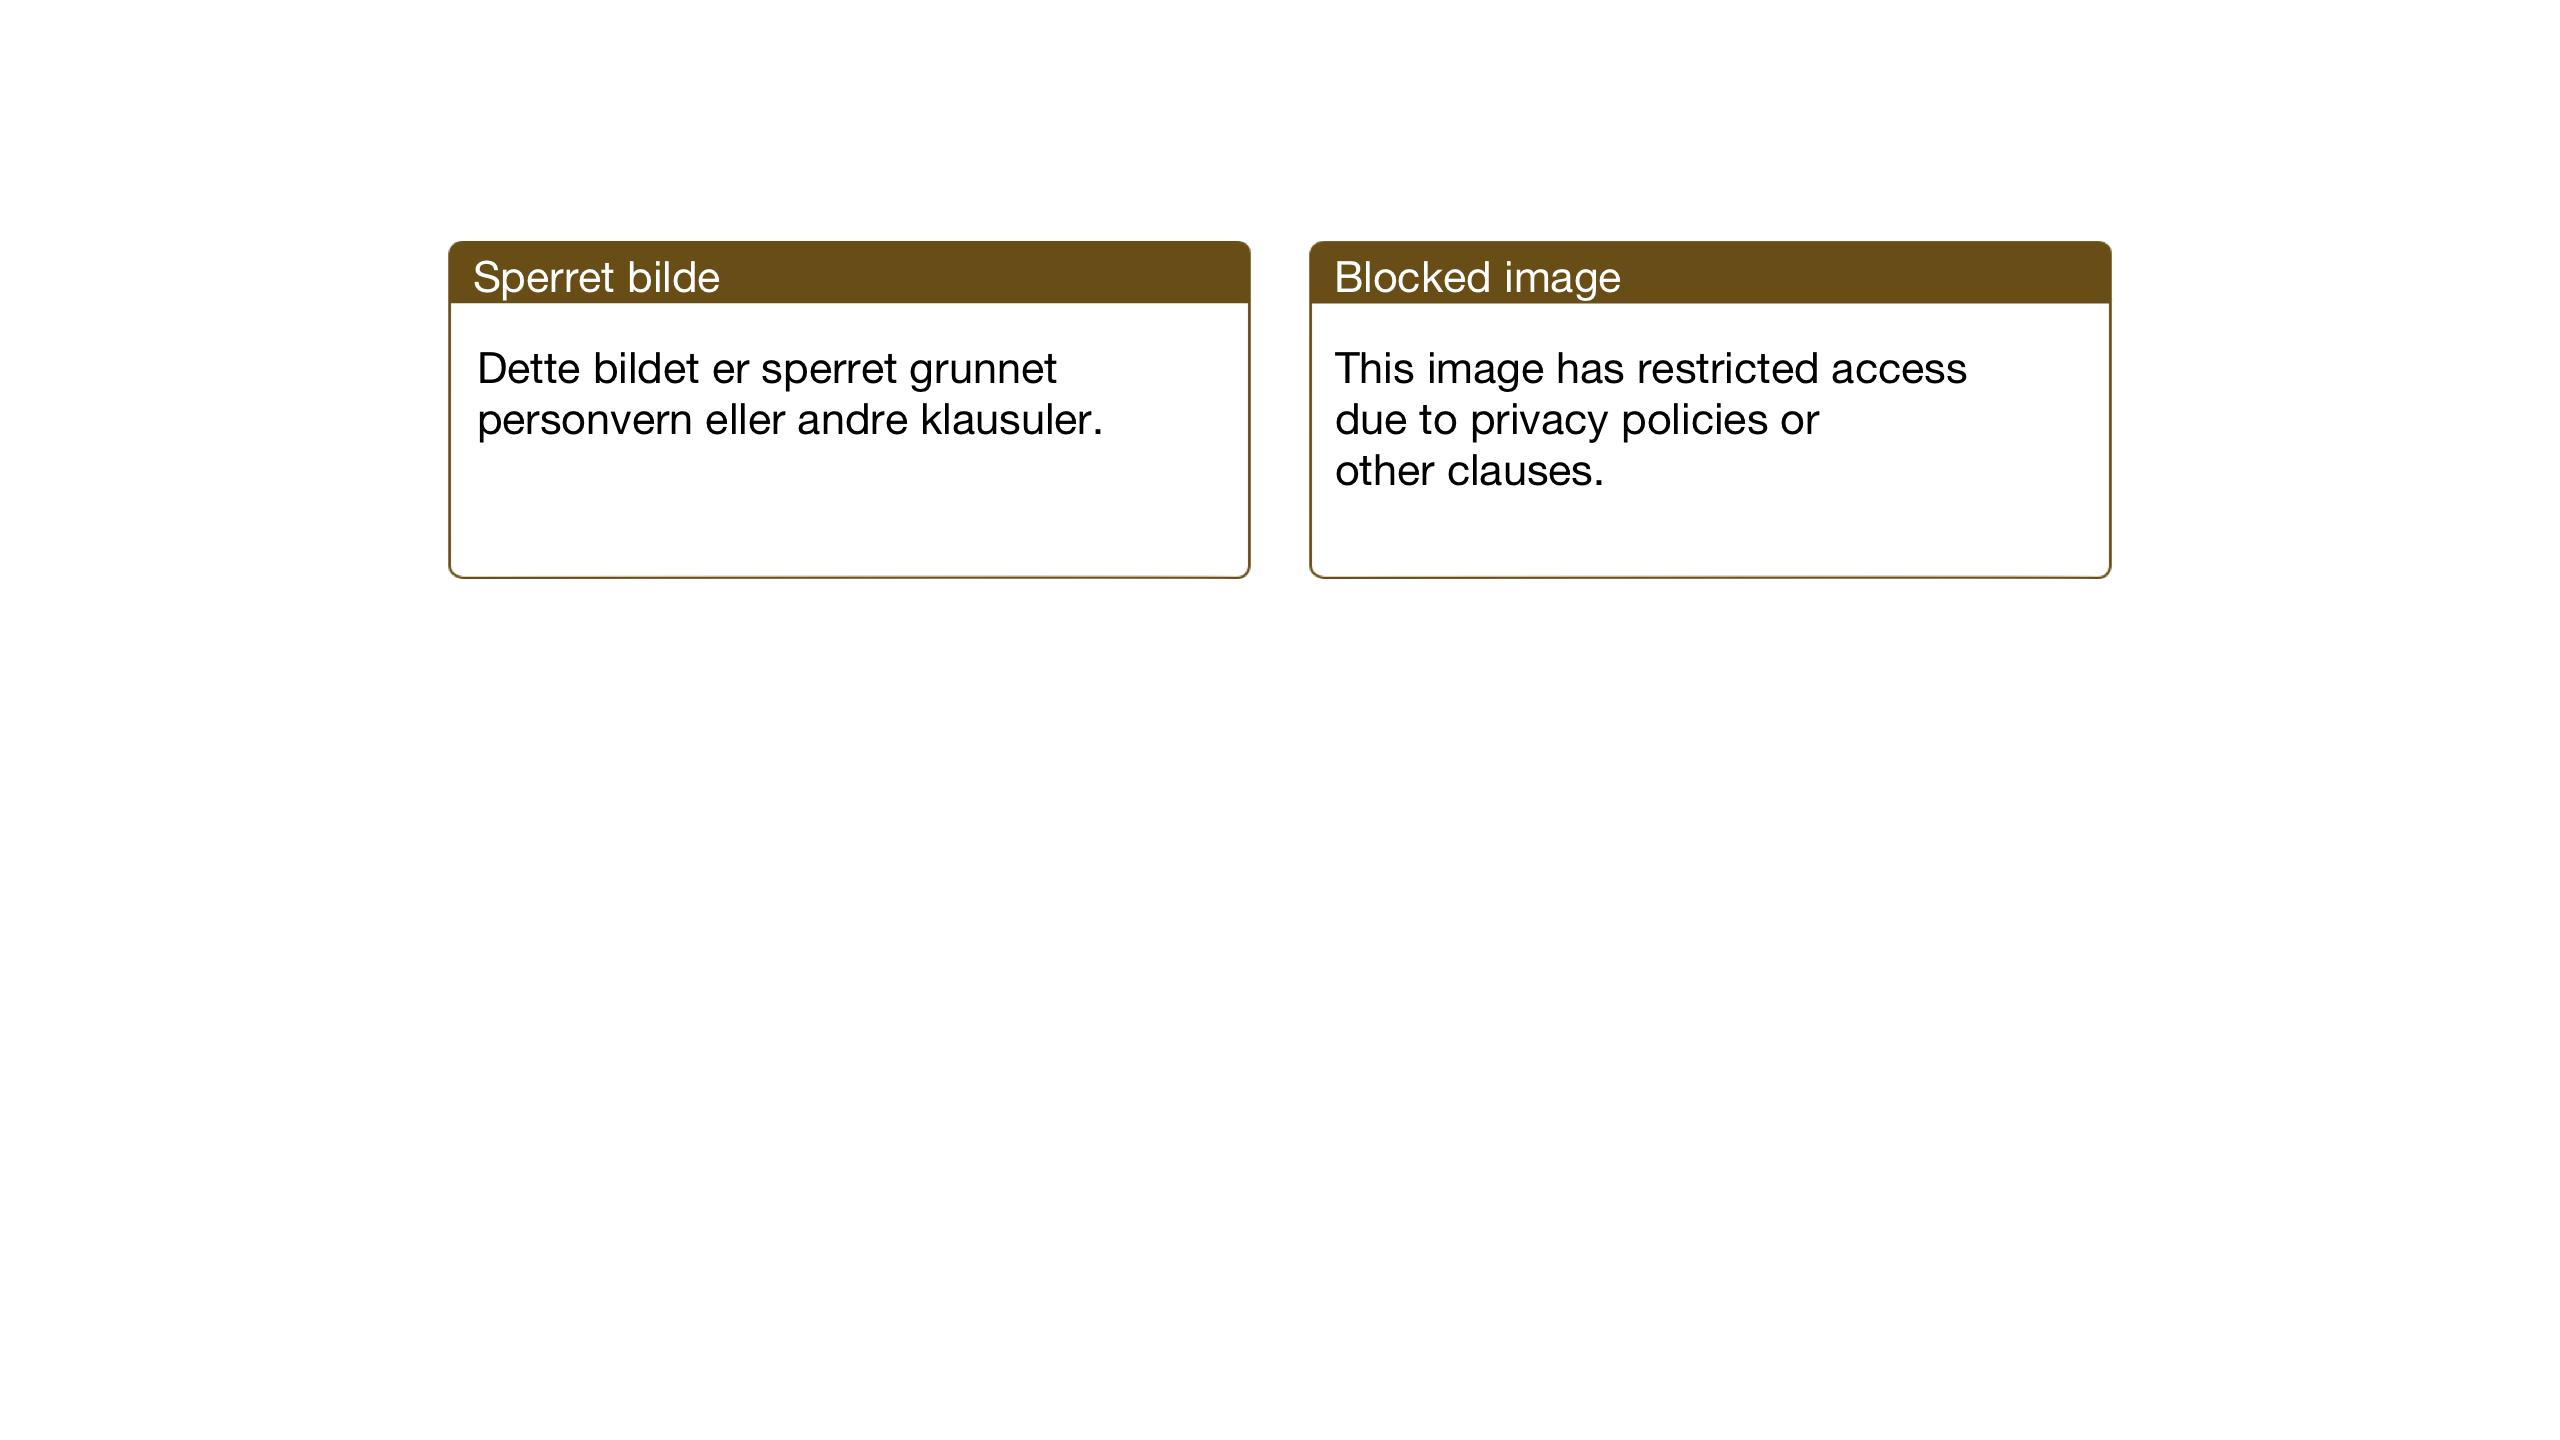 SAT, Ministerialprotokoller, klokkerbøker og fødselsregistre - Sør-Trøndelag, 635/L0554: Klokkerbok nr. 635C02, 1919-1942